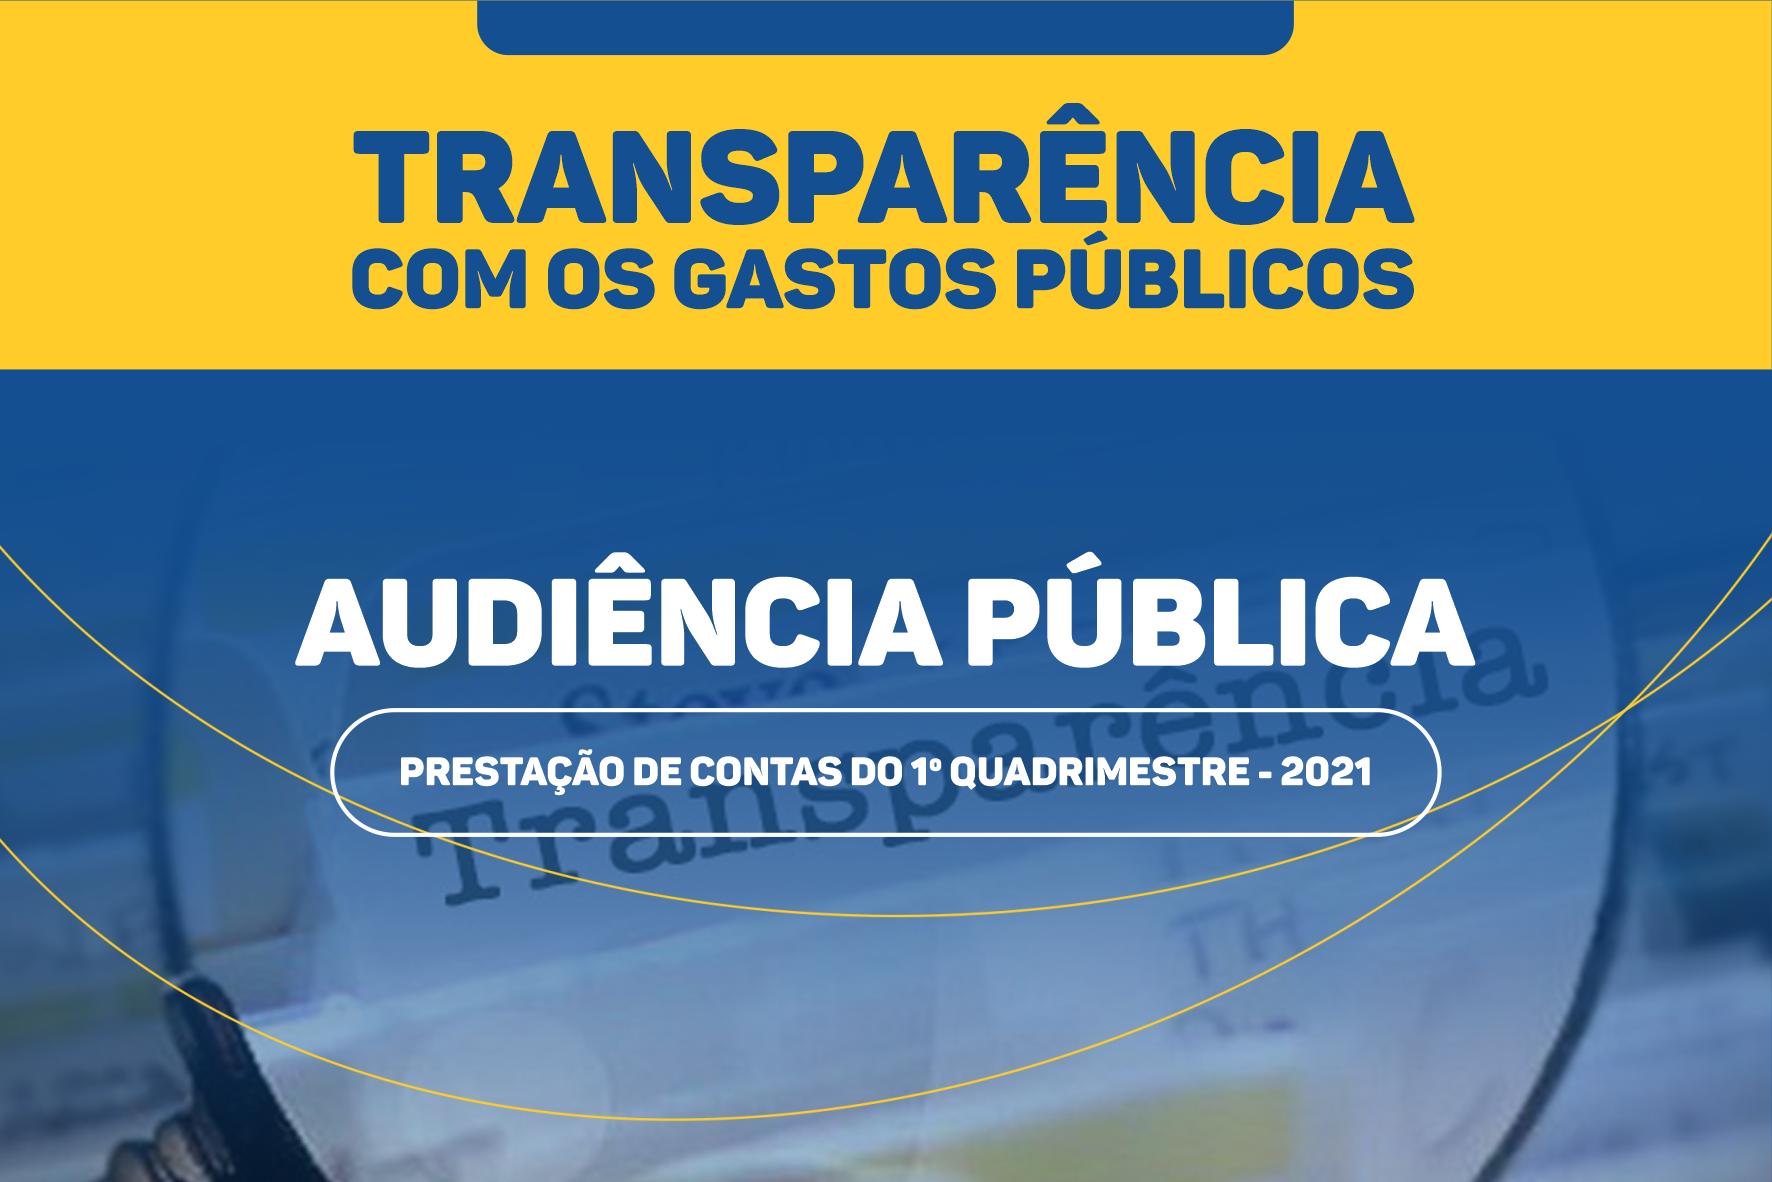 Câmara Municipal vai promover audiência pública de prestação de contas nesta 5ª feira